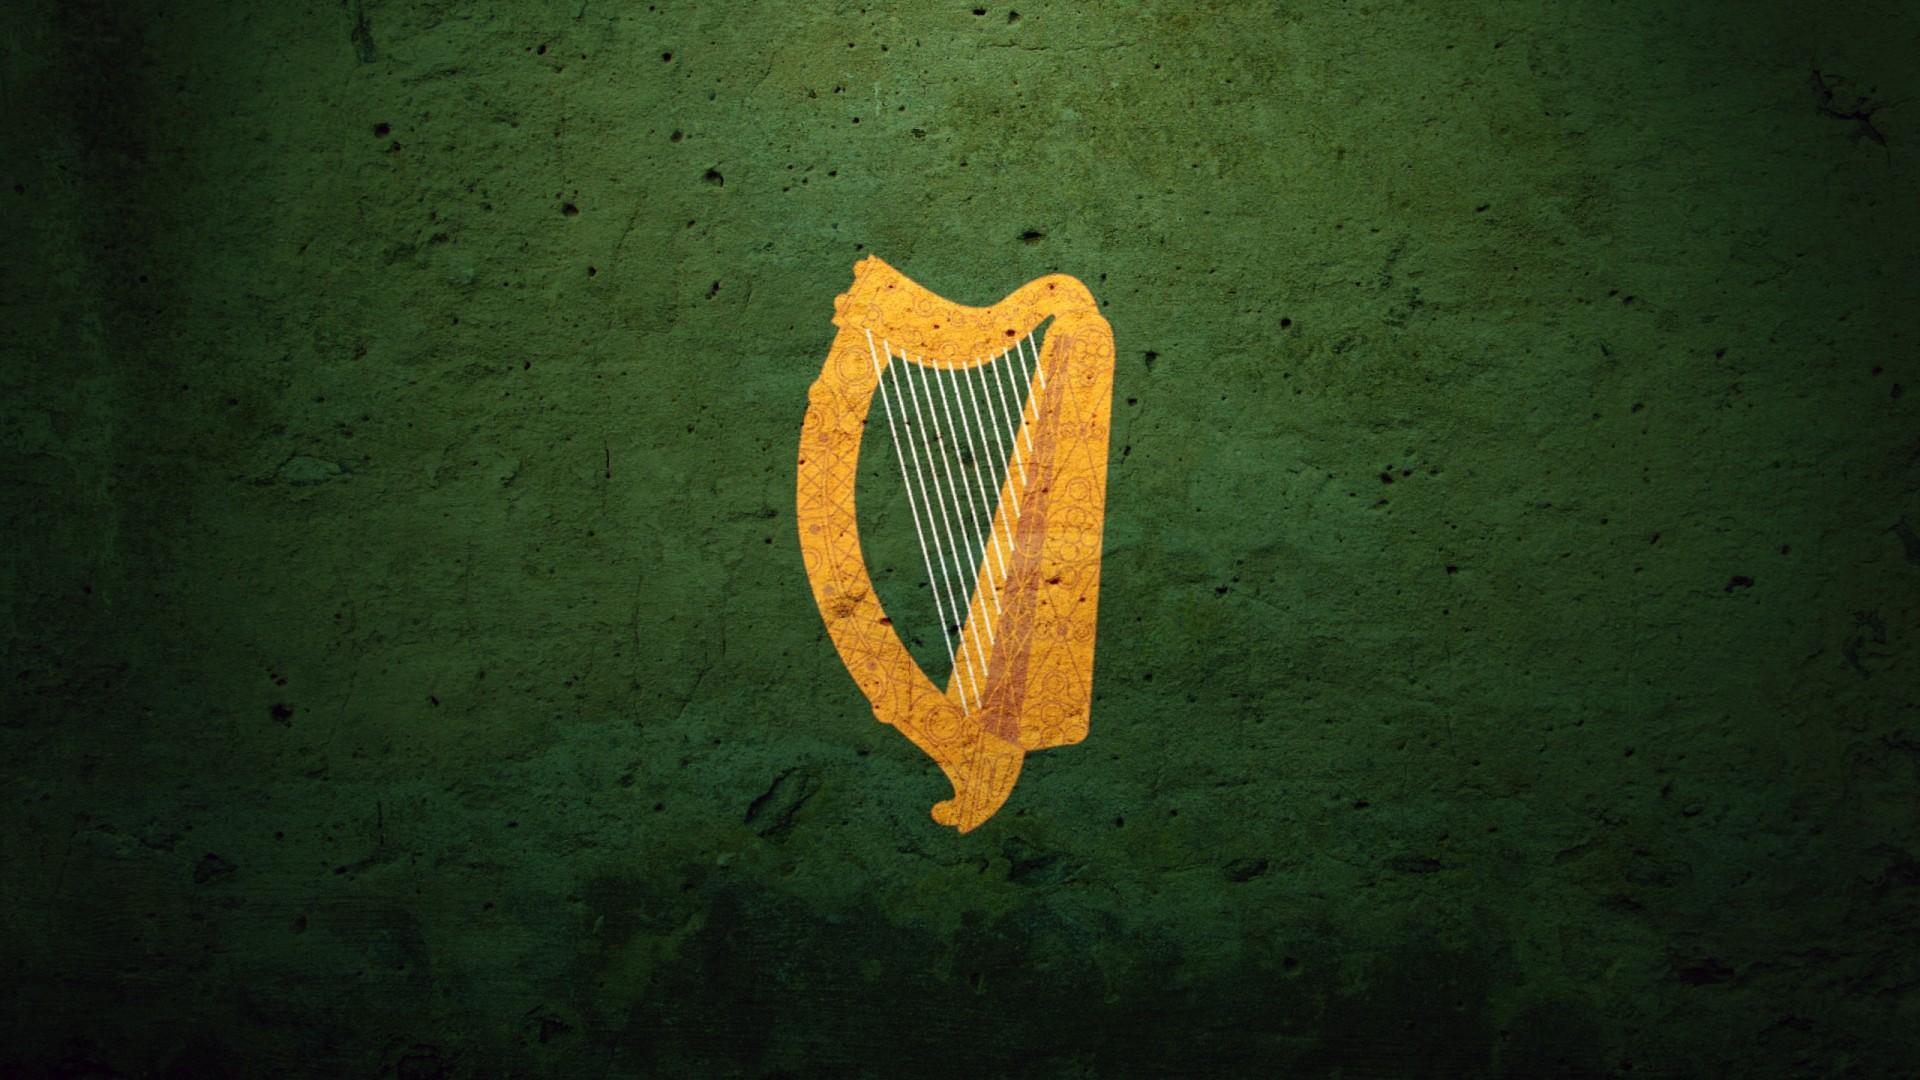 irlandesi - se li conosci li eviti